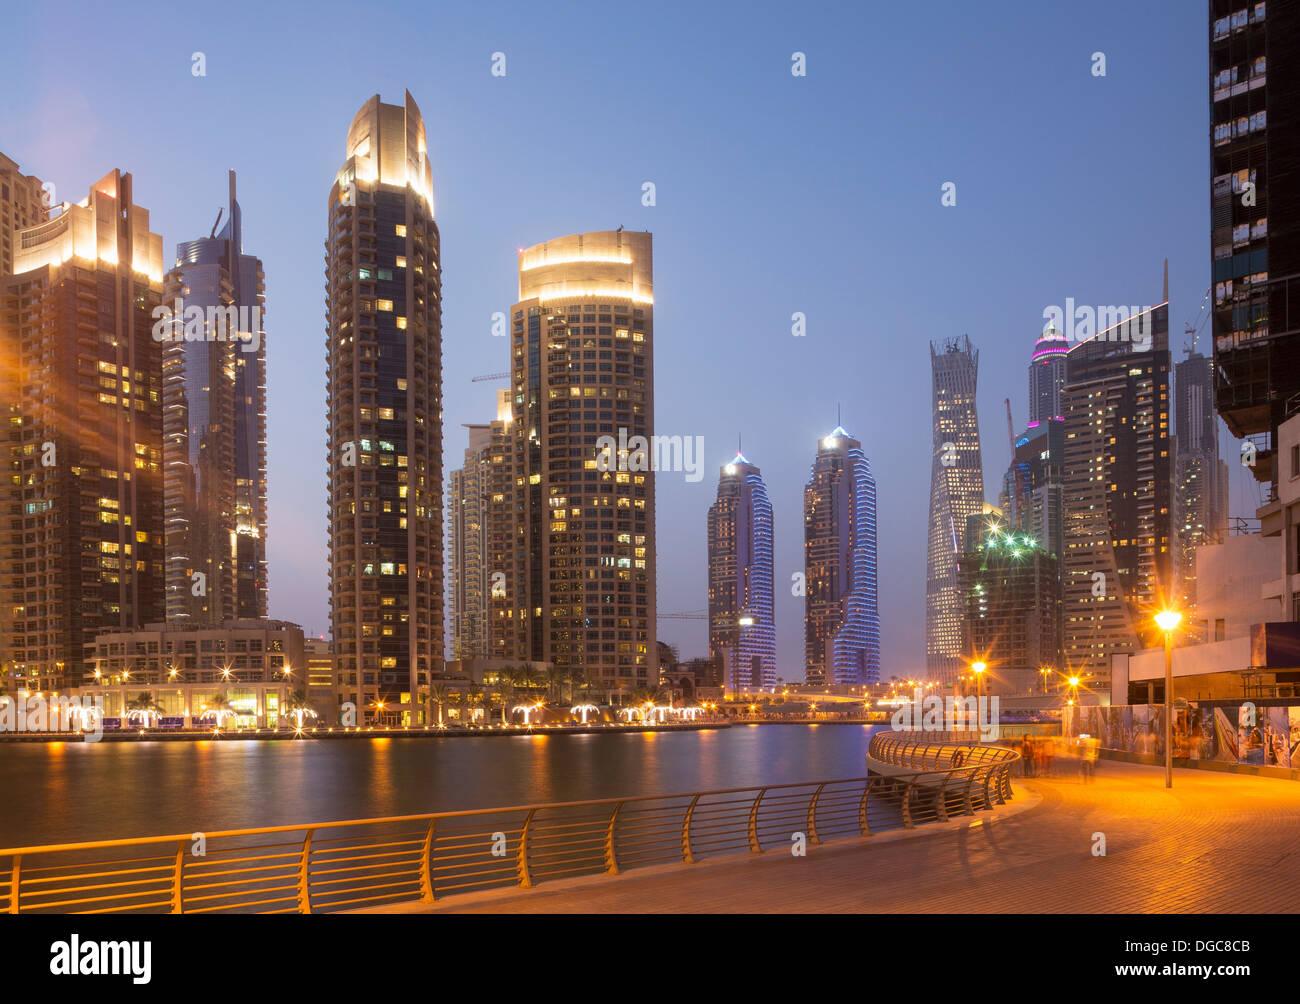 Grattacieli di Dubai Marina, Dubai, Emirati Arabi Uniti Foto Stock